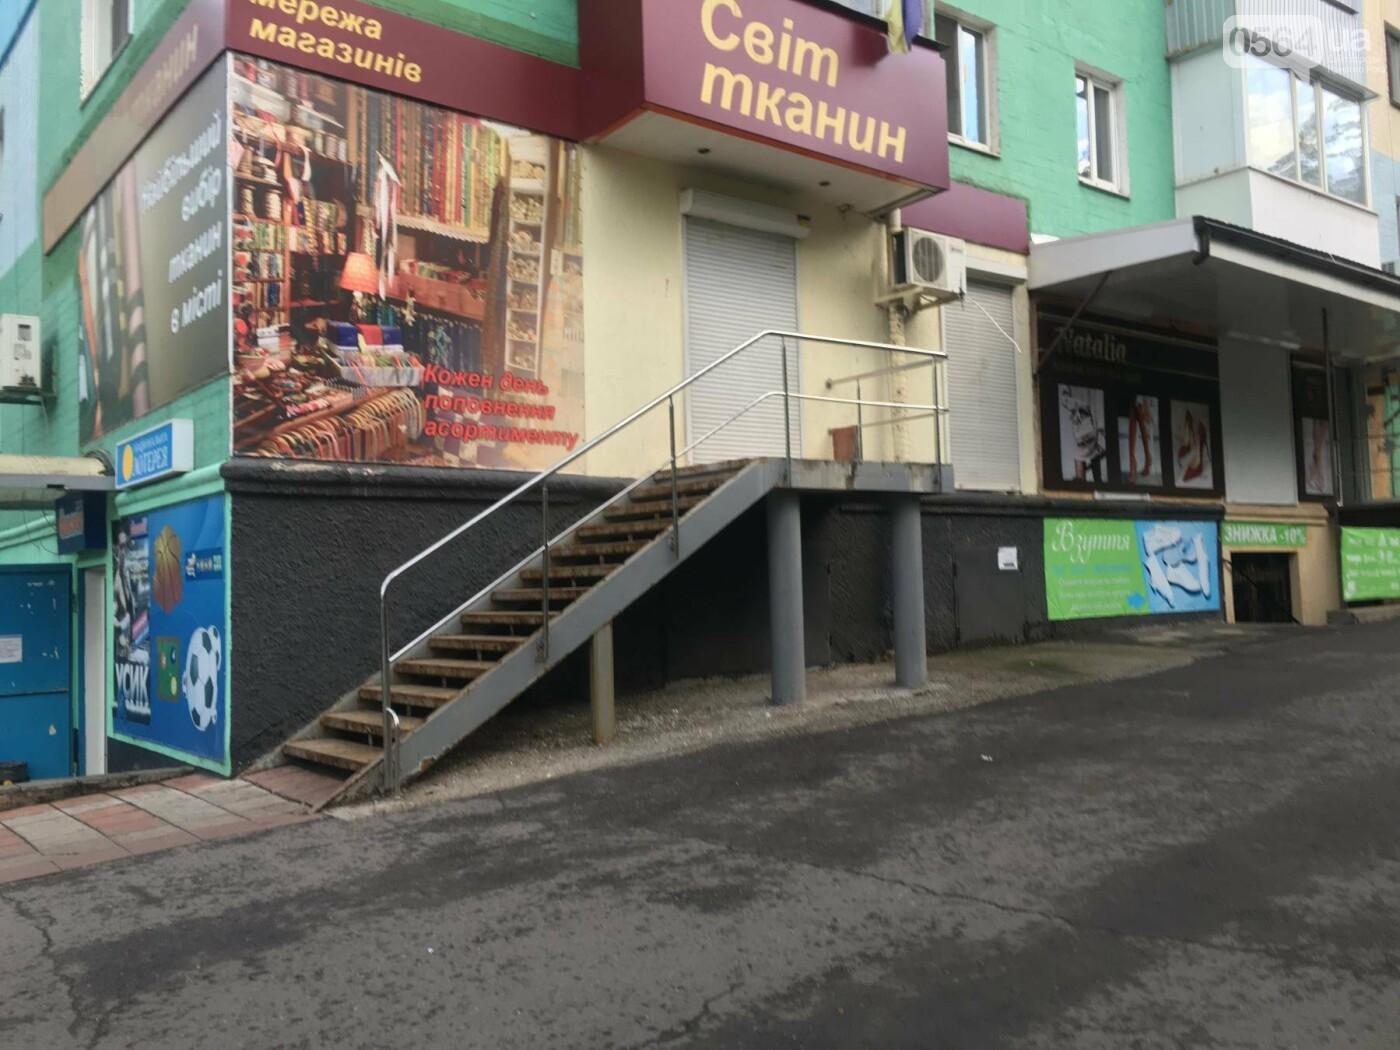 """""""Ждут штраф?"""": В Кривом Роге бизнесмены не спешат устанавливать урны возле своих магазинов, - ФОТО, фото-6"""